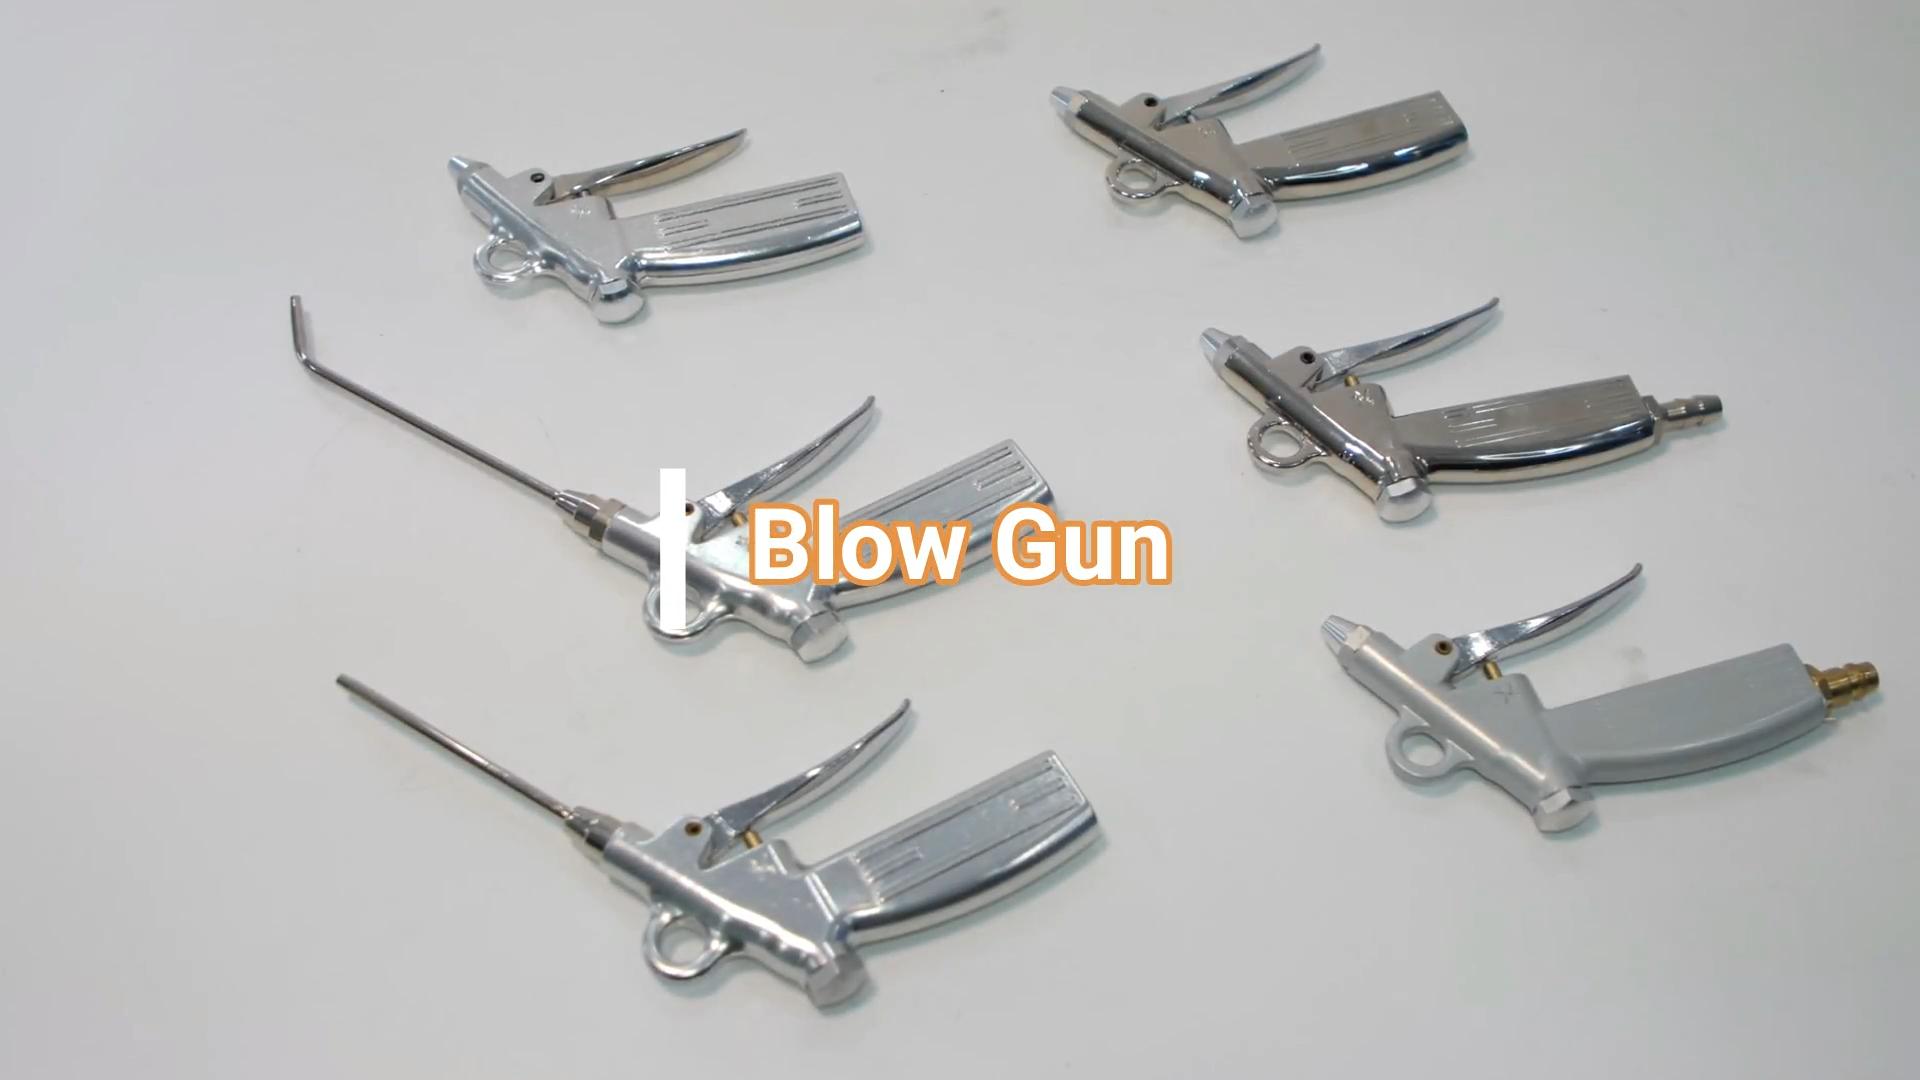 อลูมิเนียมAirสเปรย์ฝุ่นBlow Gunสำหรับทำความสะอาดโรงงาน